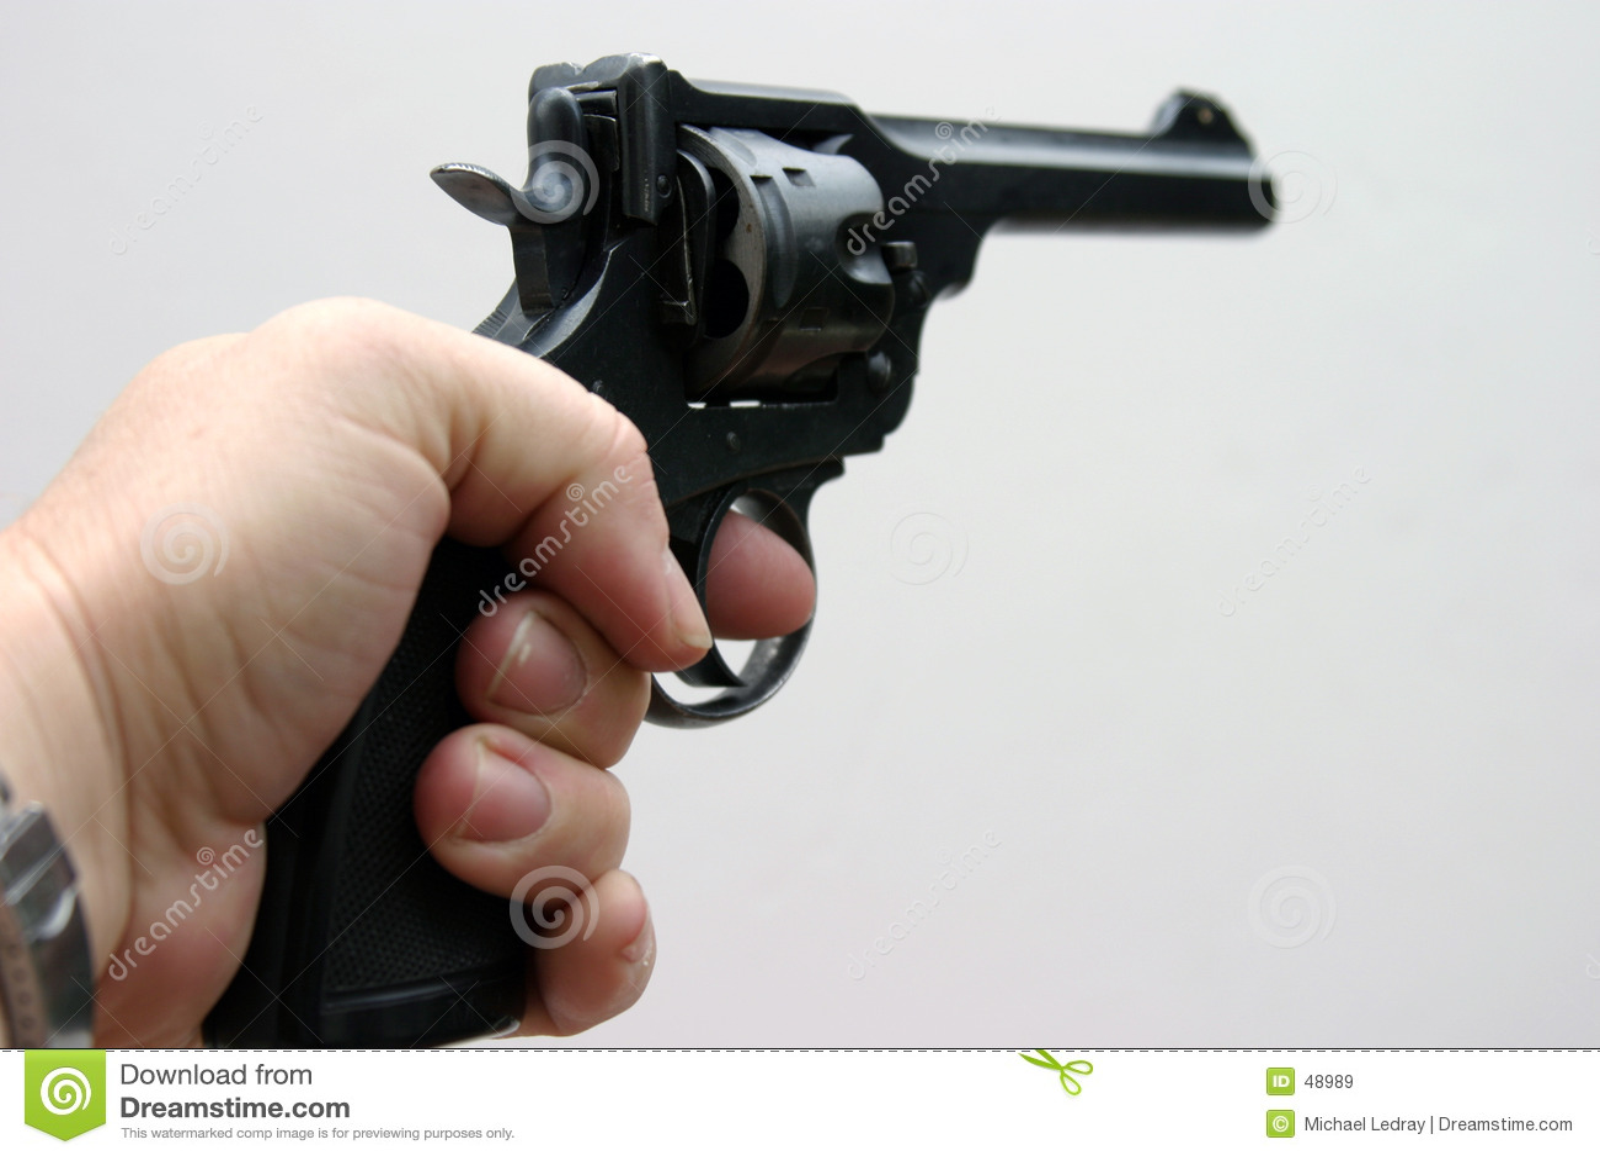 3 cale 45 pistolet